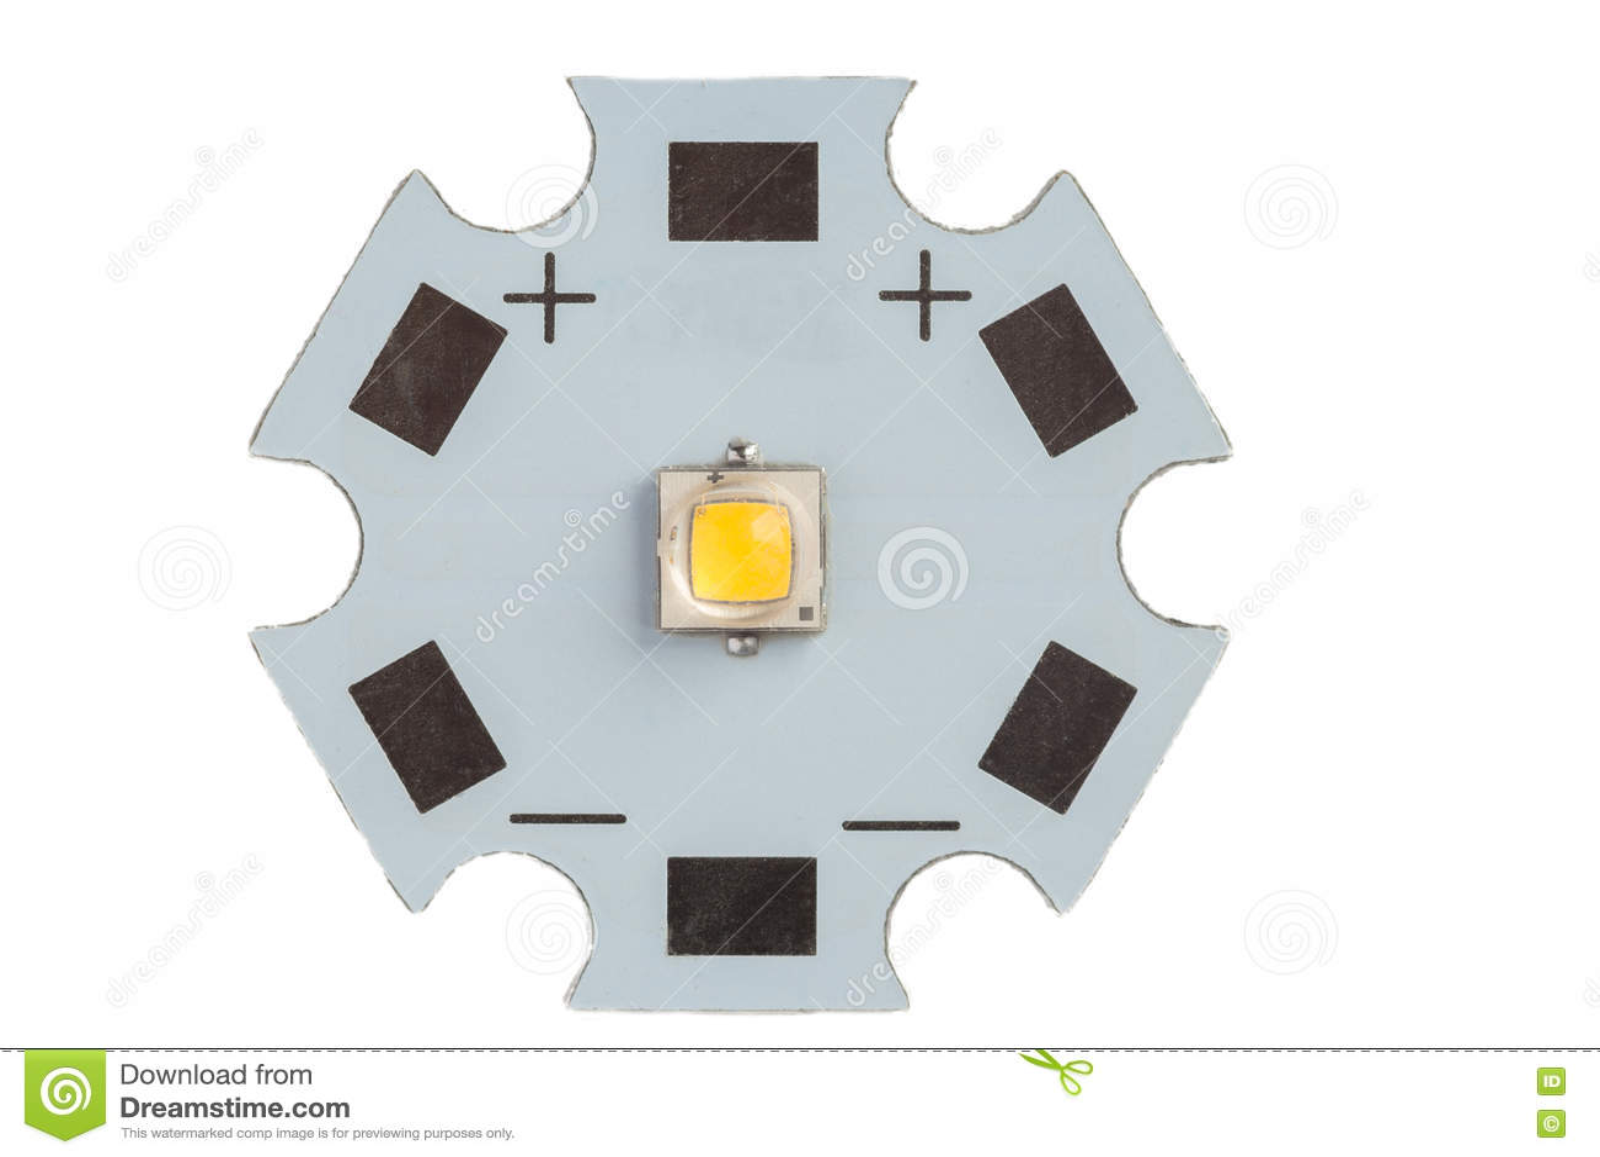 Circuito Led : Smd potente led en el circuito de aluminio de la estrella imagen de